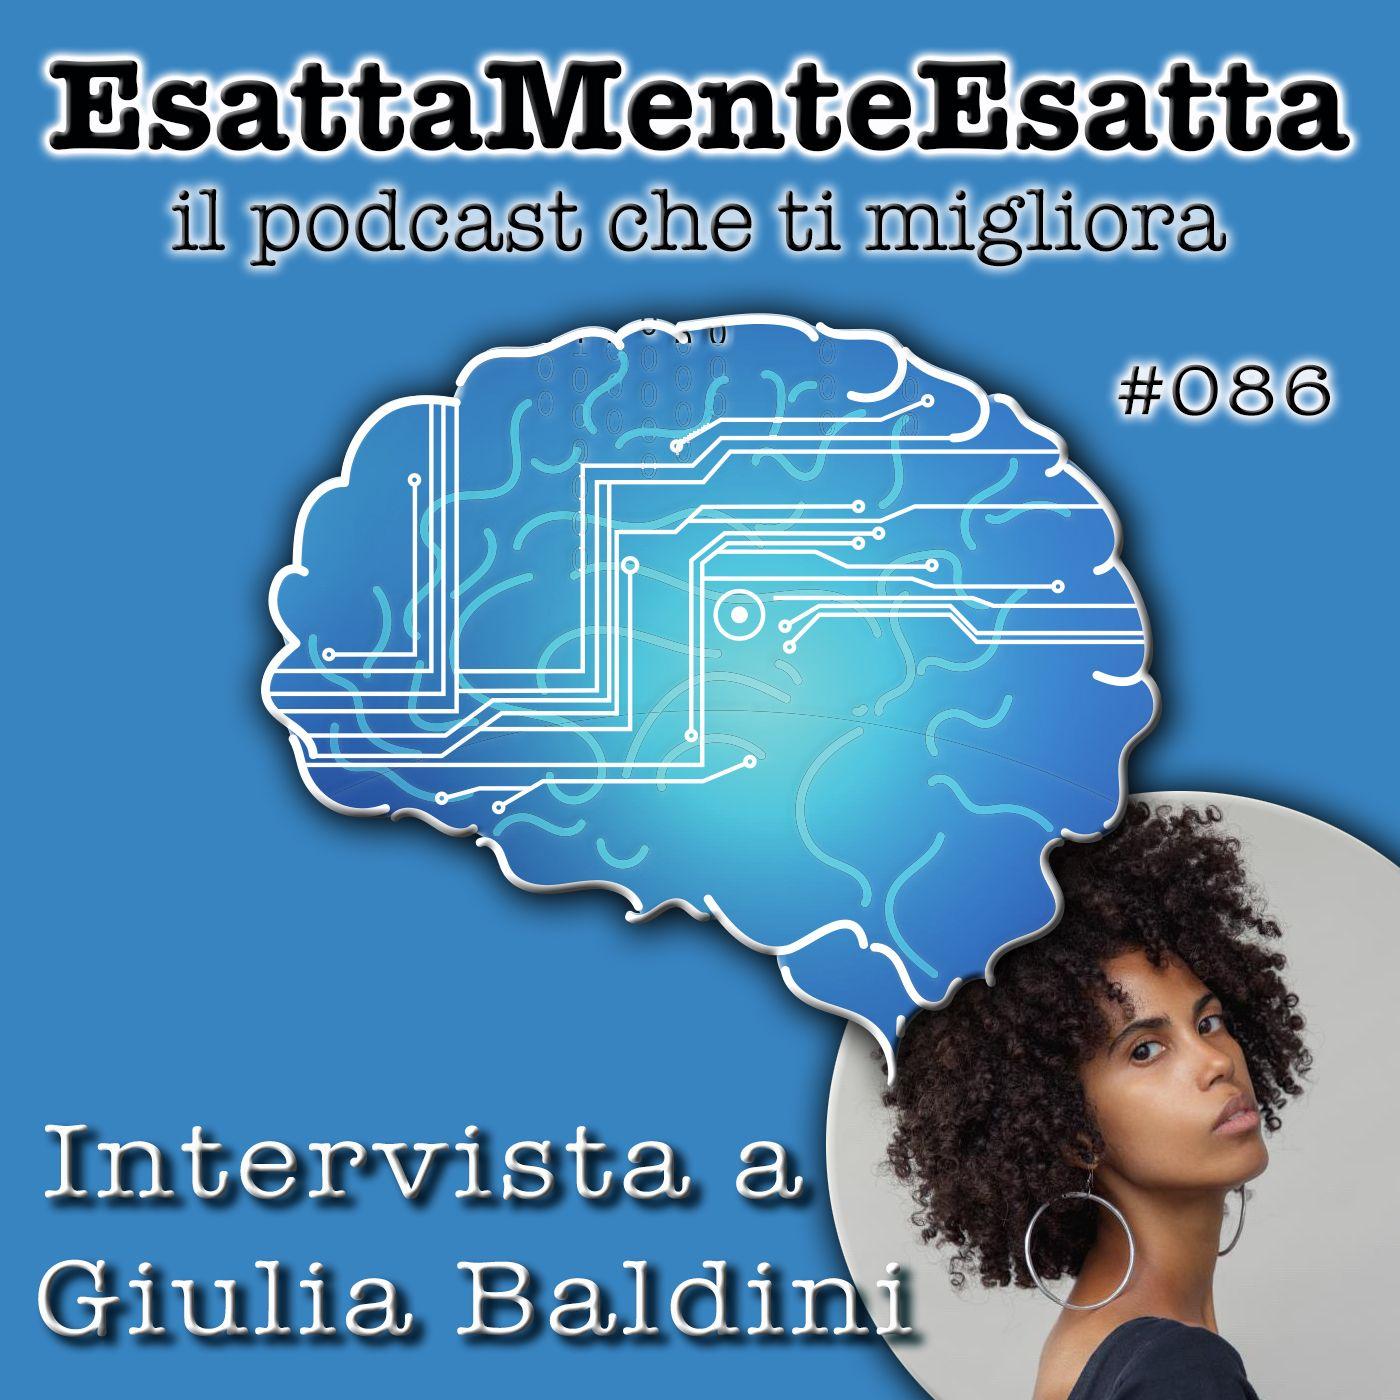 Intervista: Giulia Baldini si racconta #86